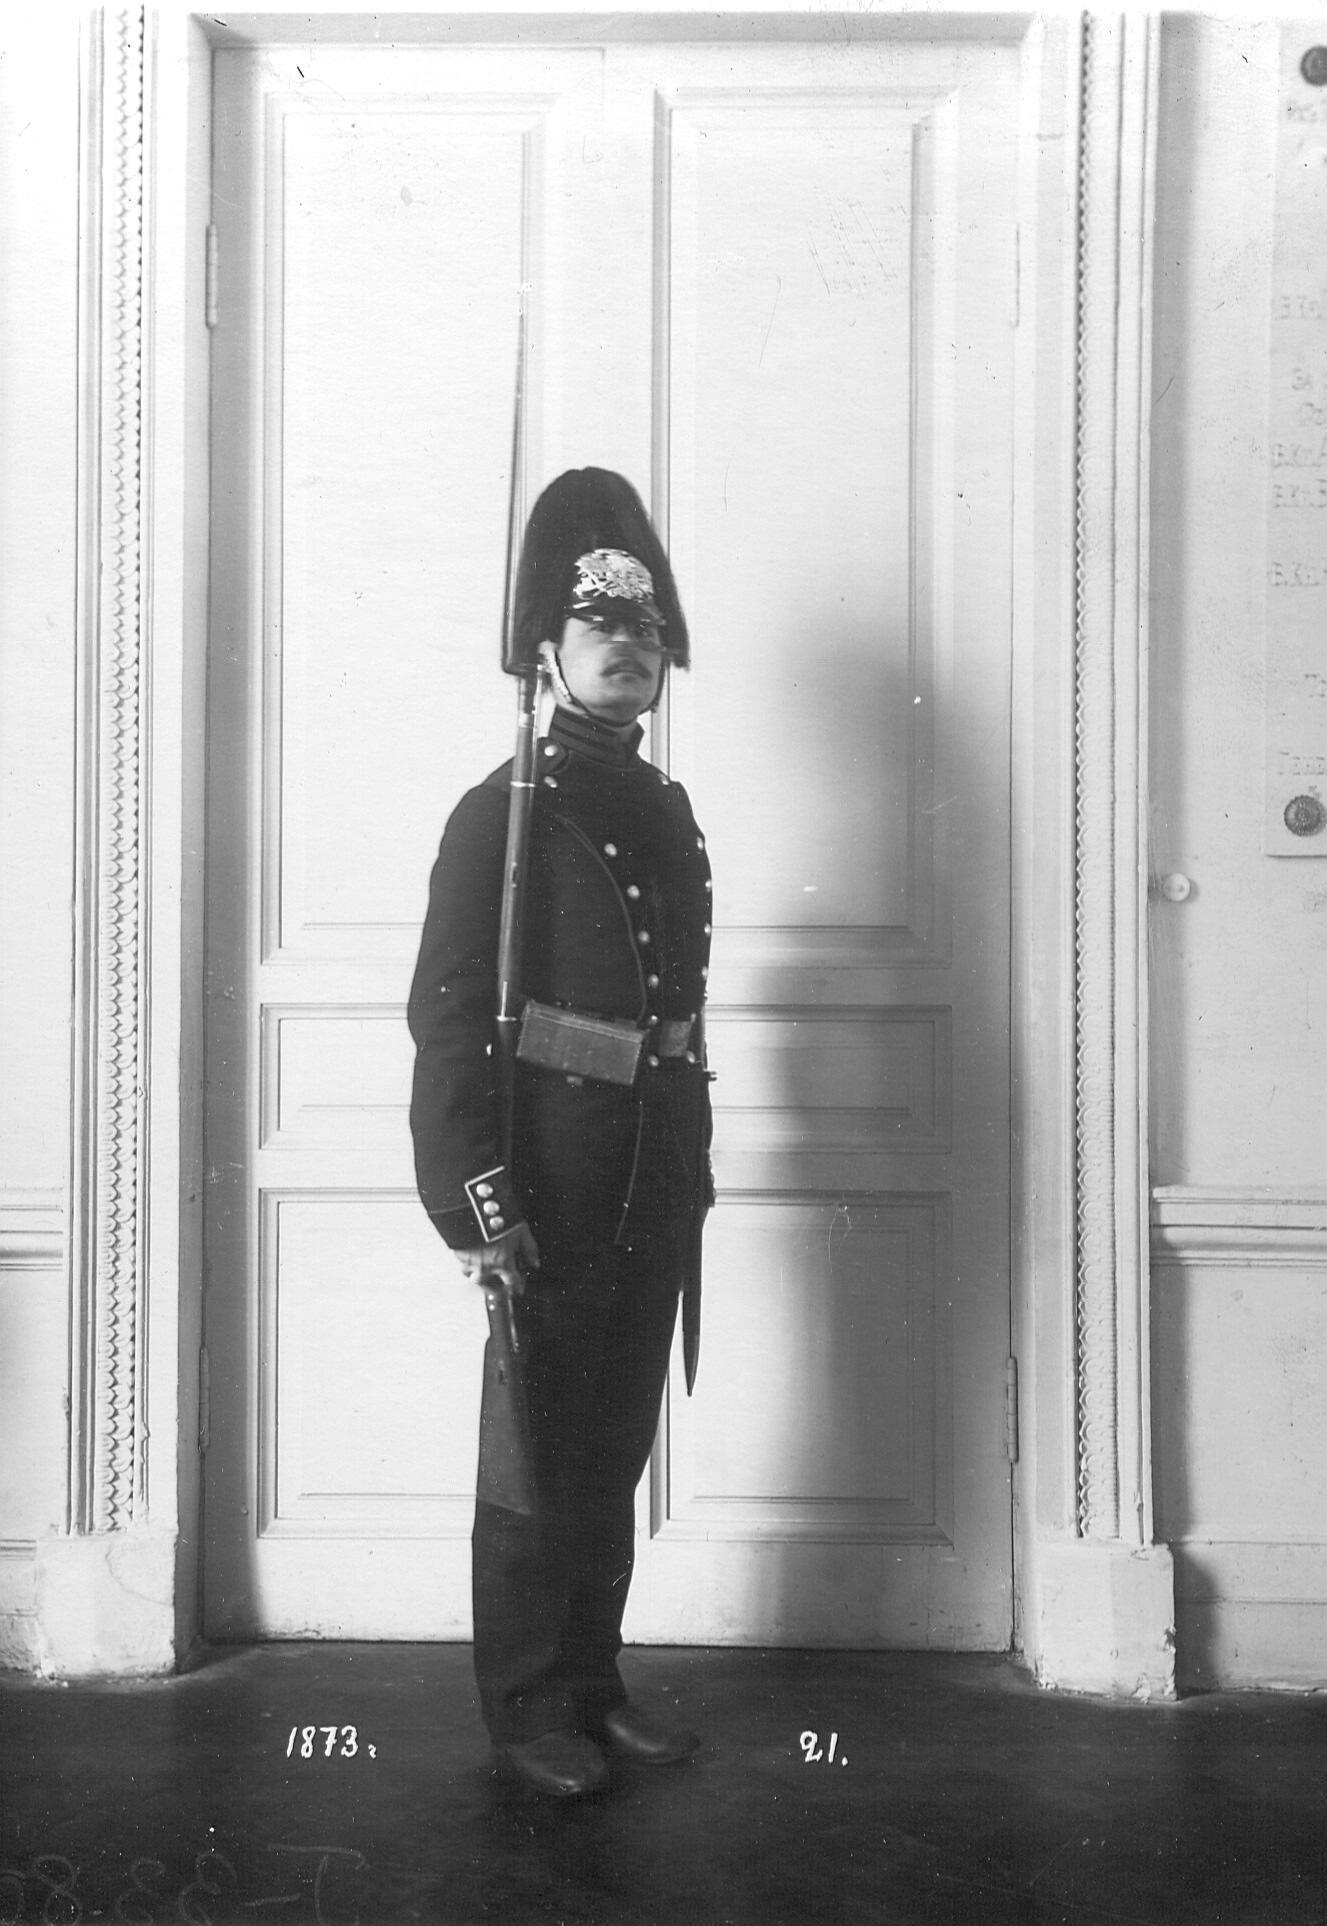 Сапер батальона в форме образца 1873 года.